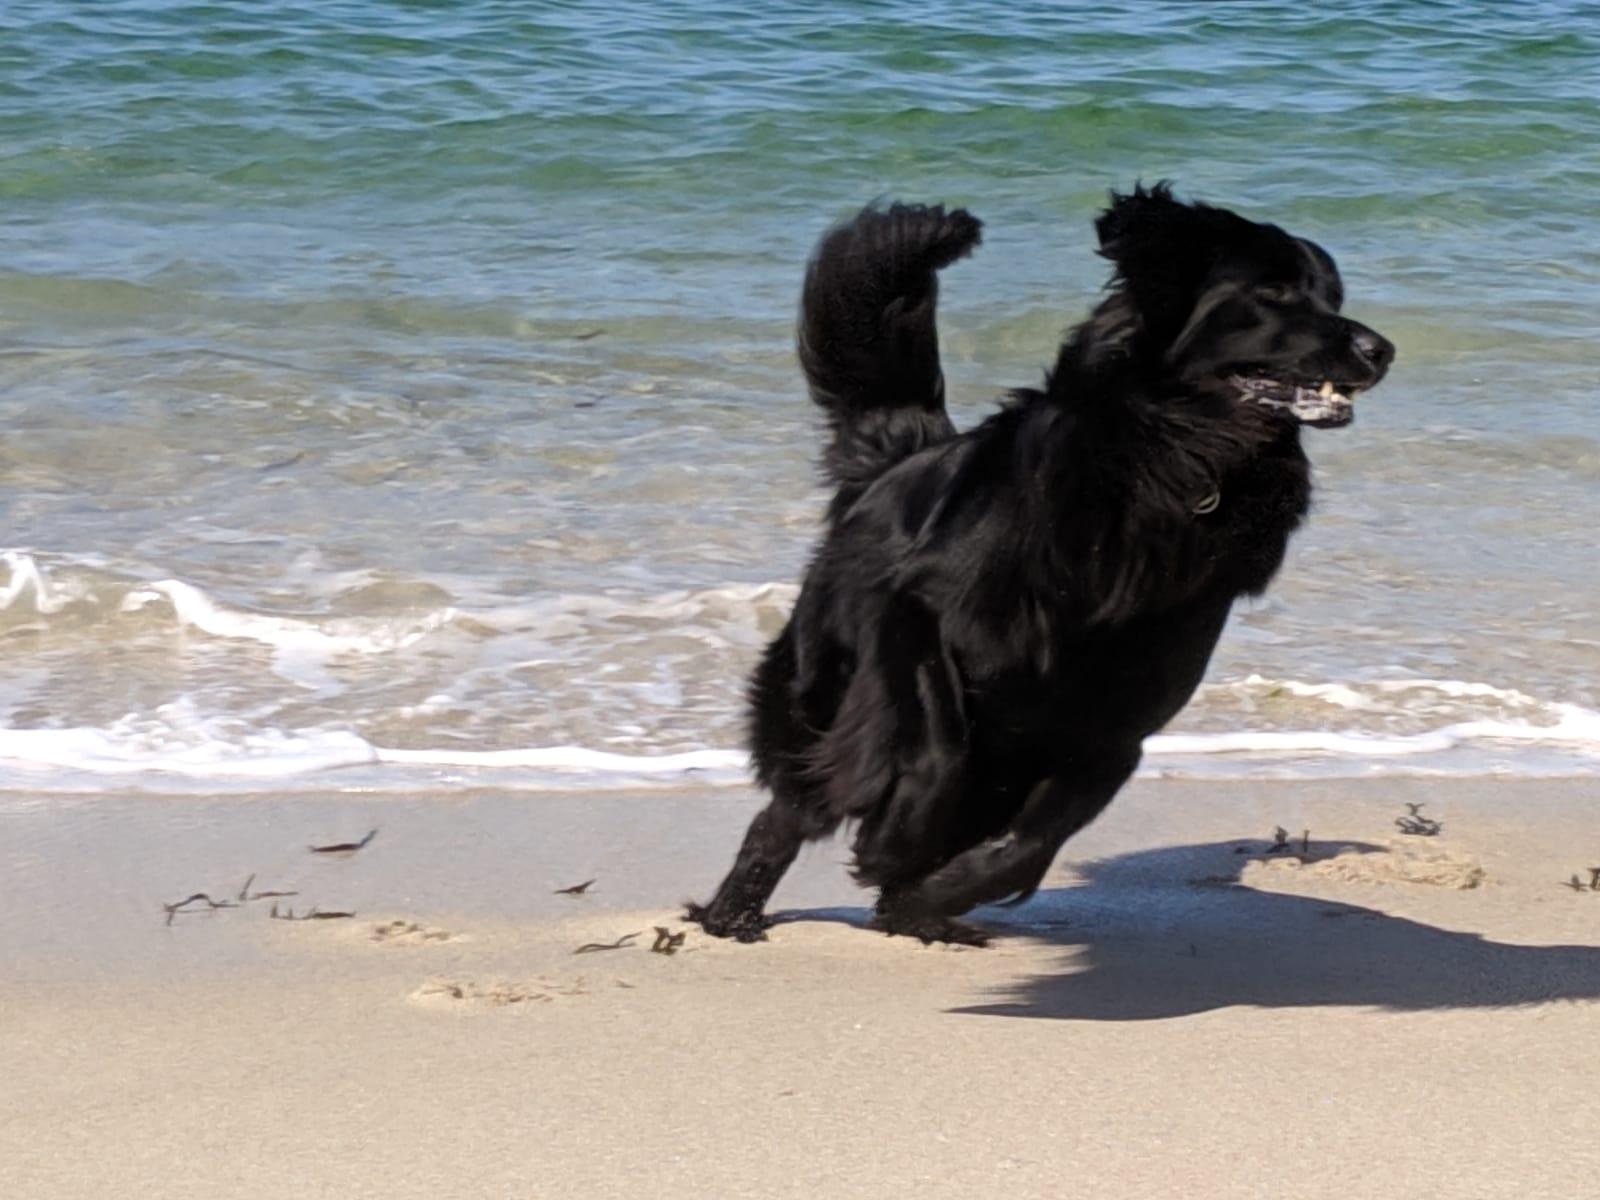 Aragon zeigt seine Urlaubsfreude am Strand in der Bretange